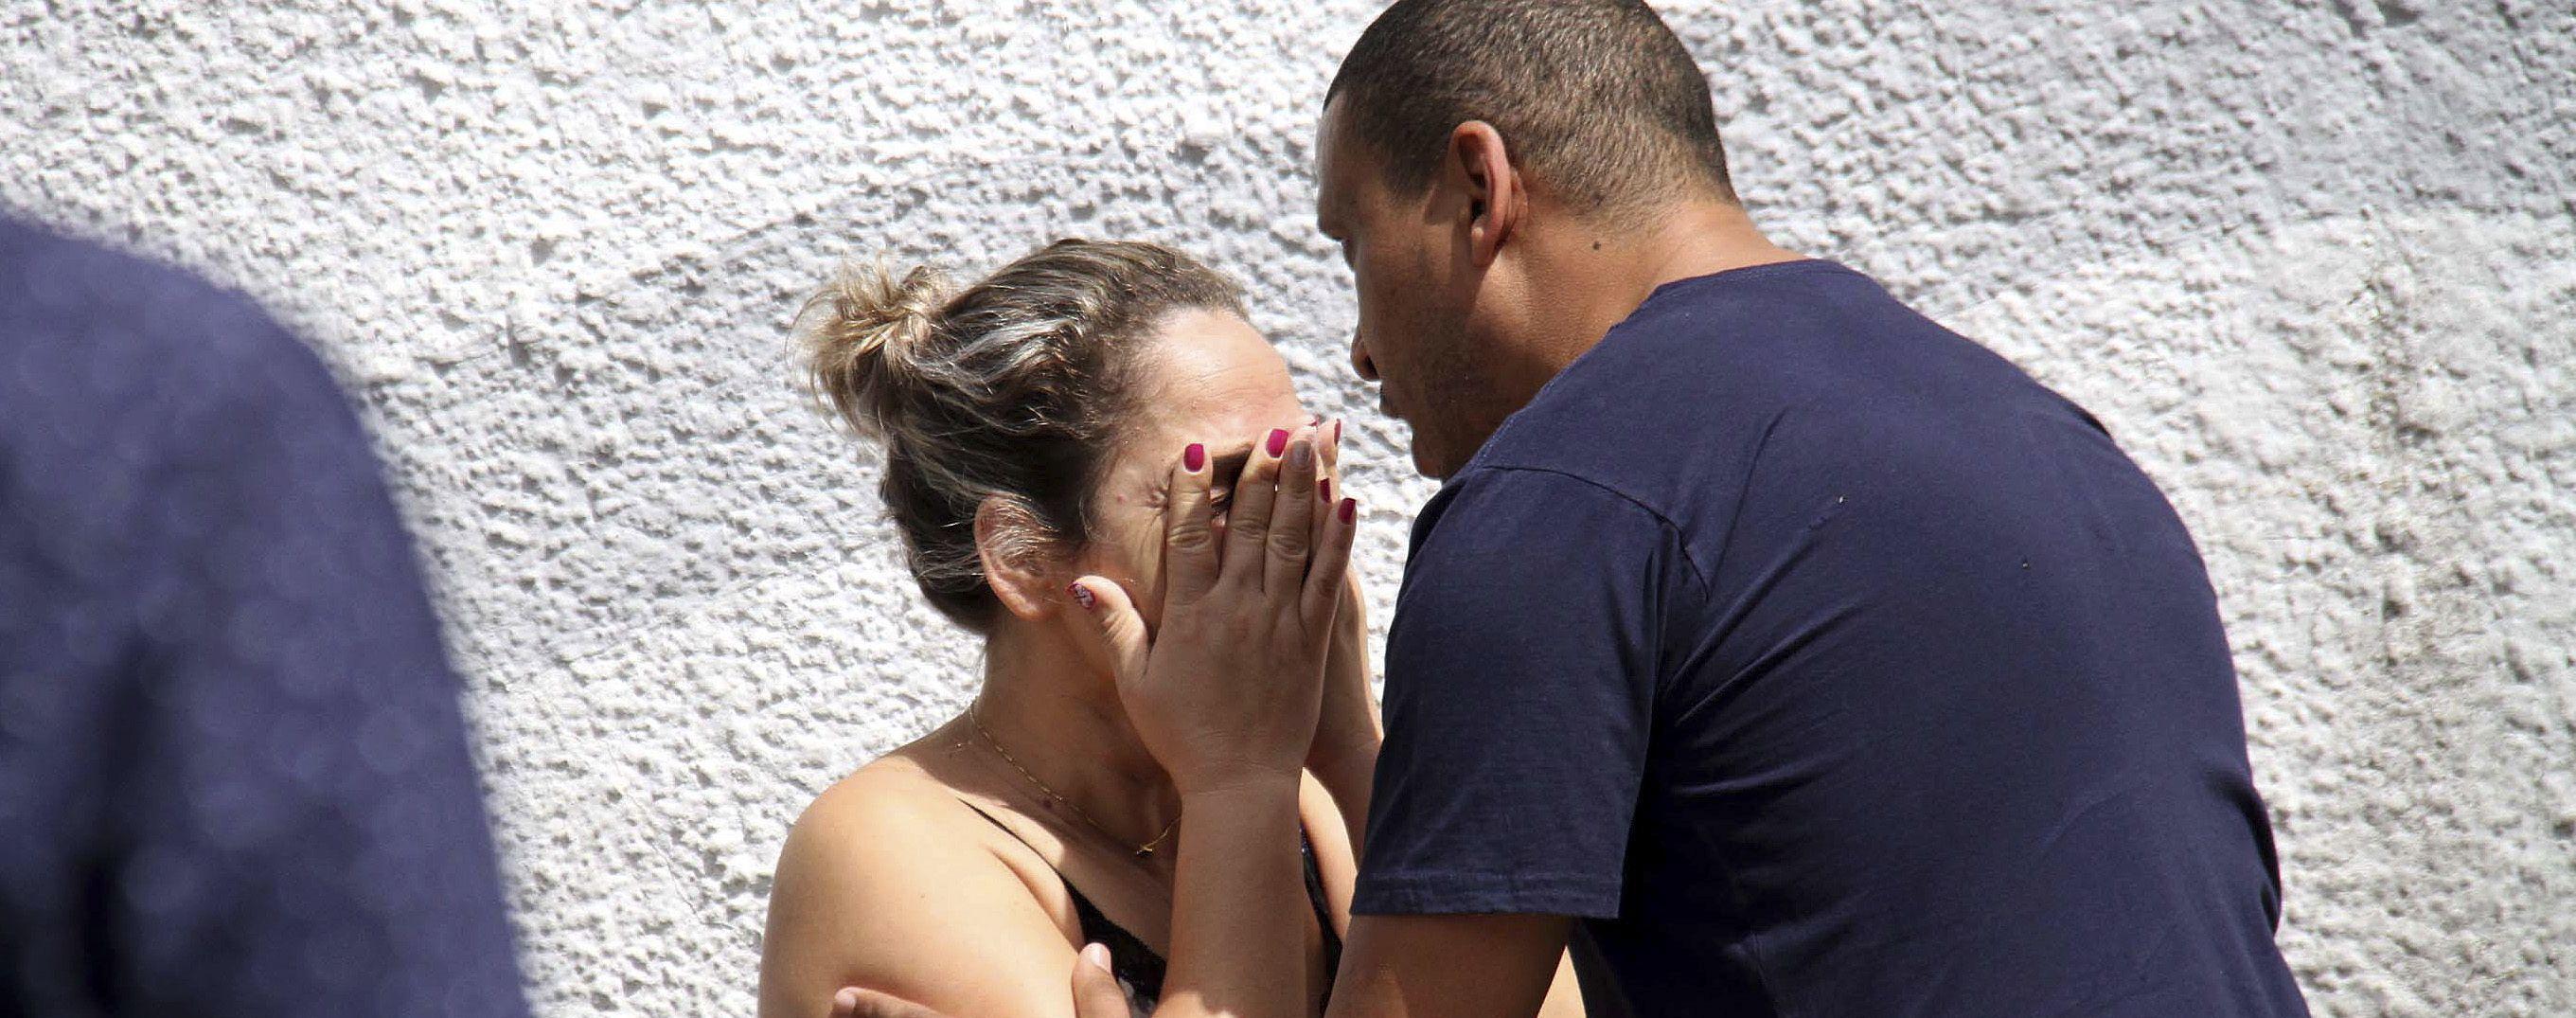 У Бразилії двоє підлітків влаштували криваву стрілянину у школі – серед вбитих п'ятеро дітей